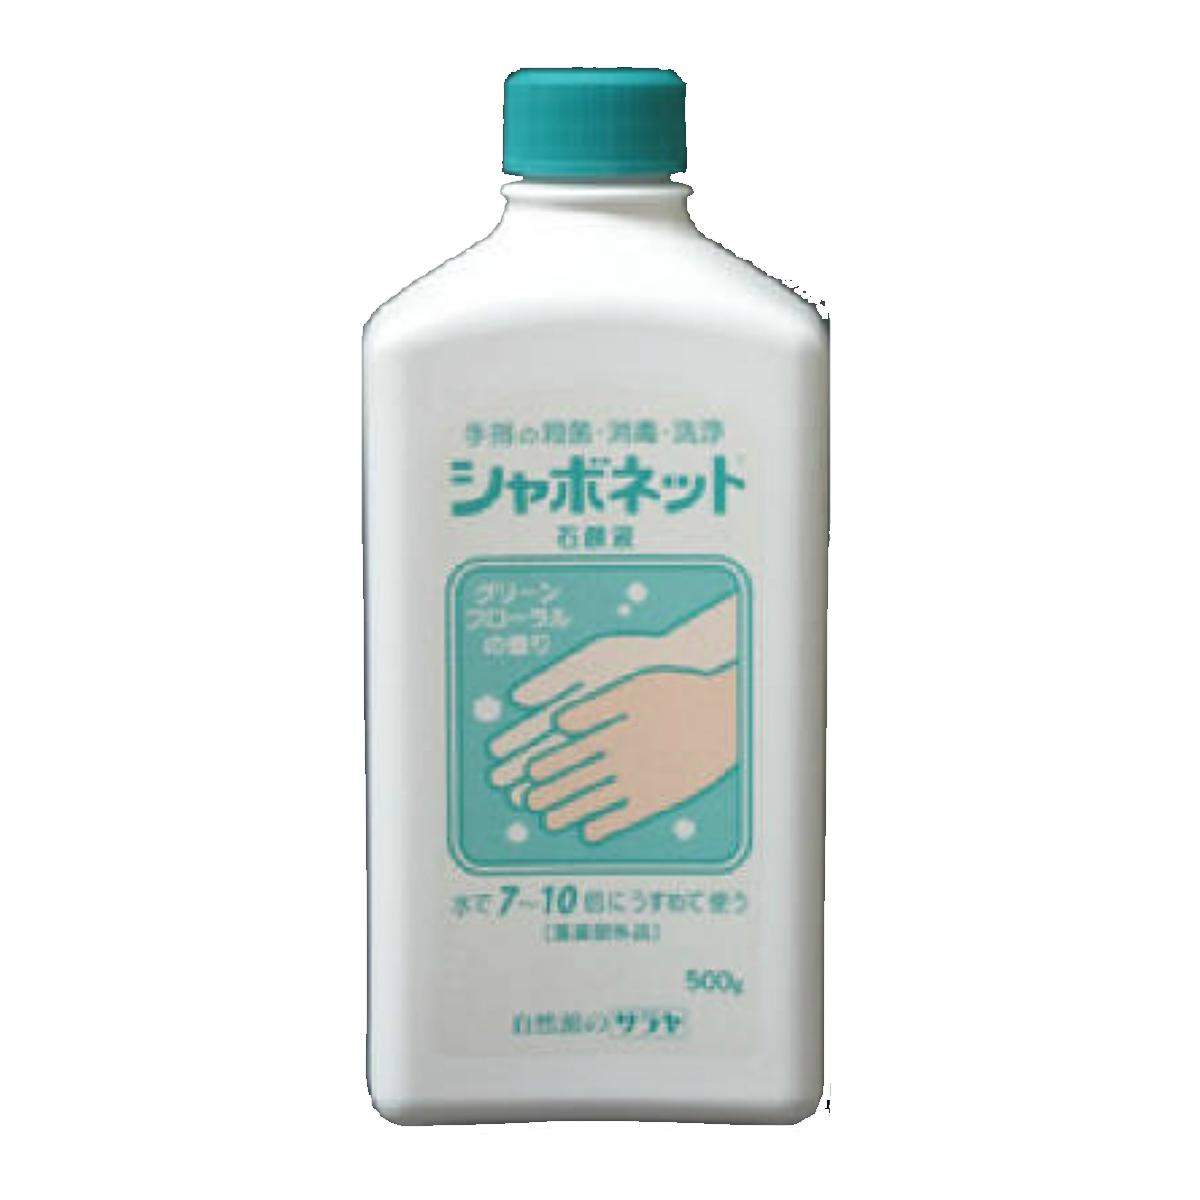 【送料無料】サラヤ シャボネット 石鹸液 500g×24点セット まとめ買い特価!ケース販売 ( 4987696232013 )